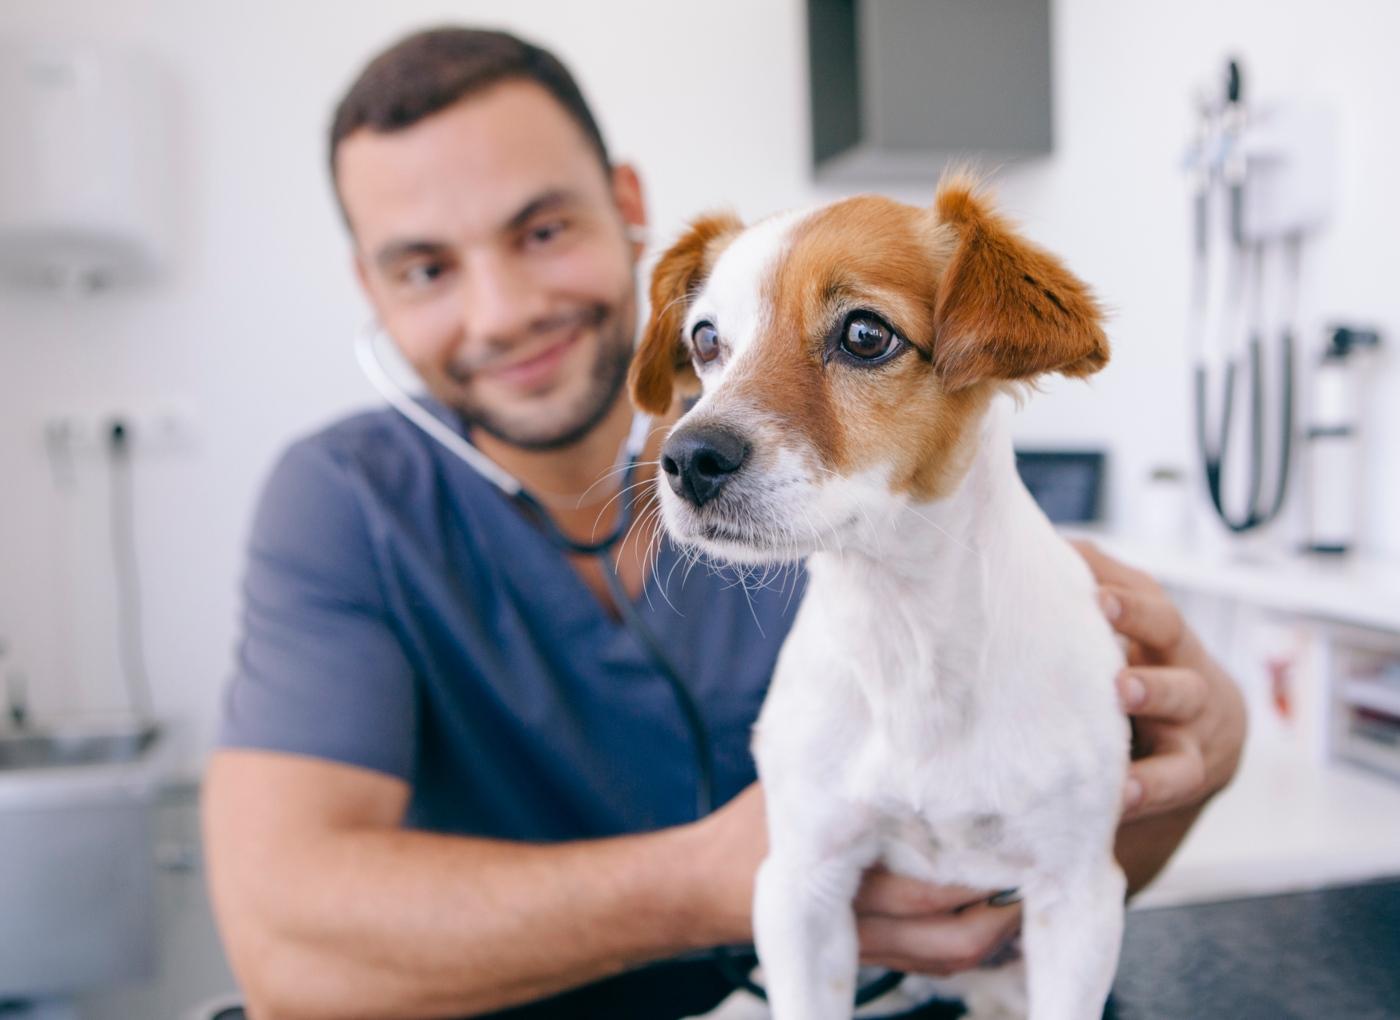 Doenças parasitárias em cães: cuidados a ter